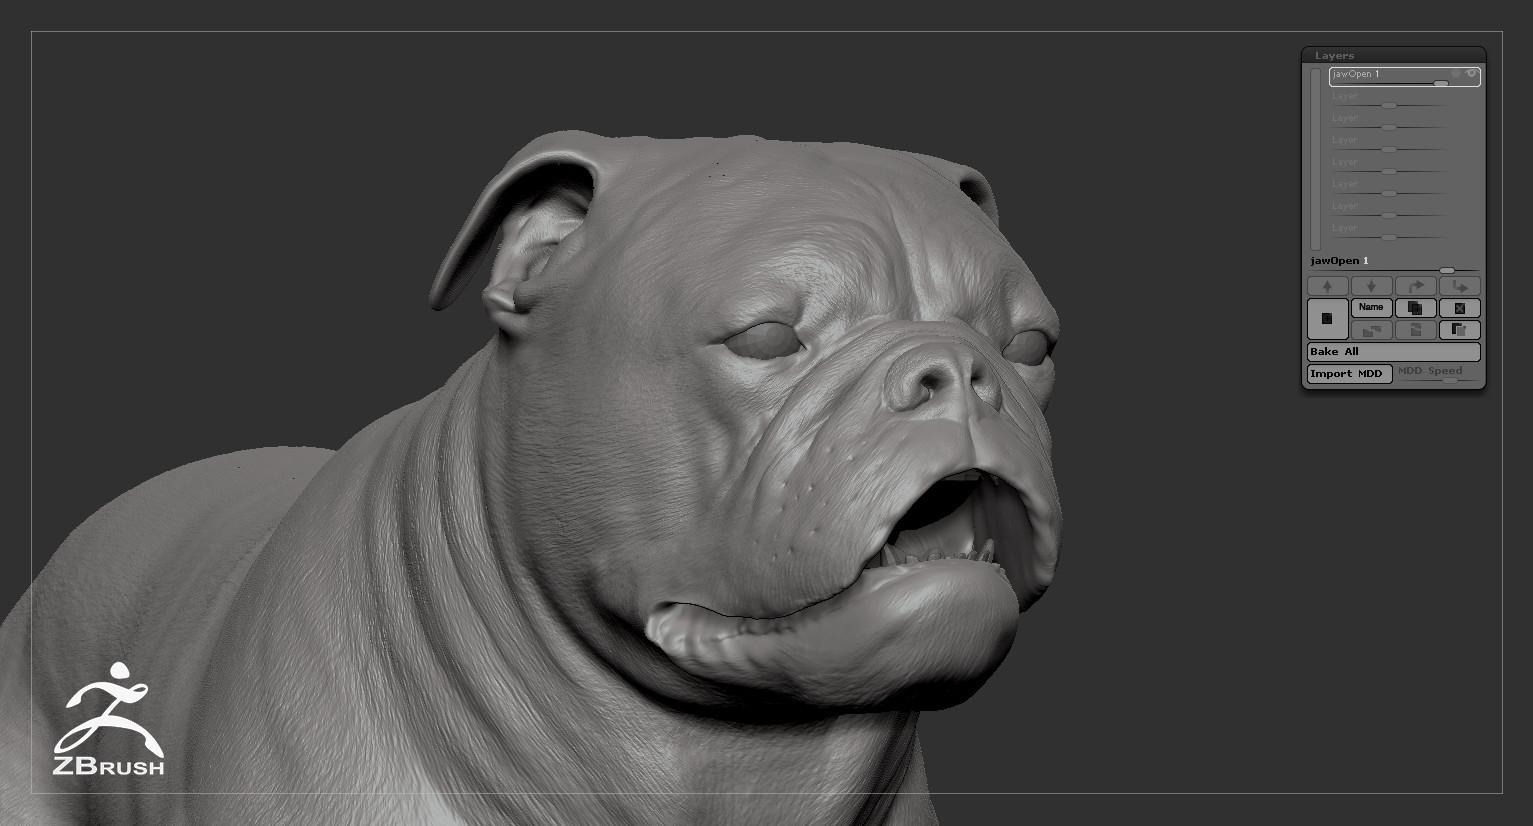 Englishbulldog by alexlashko zbrush 07